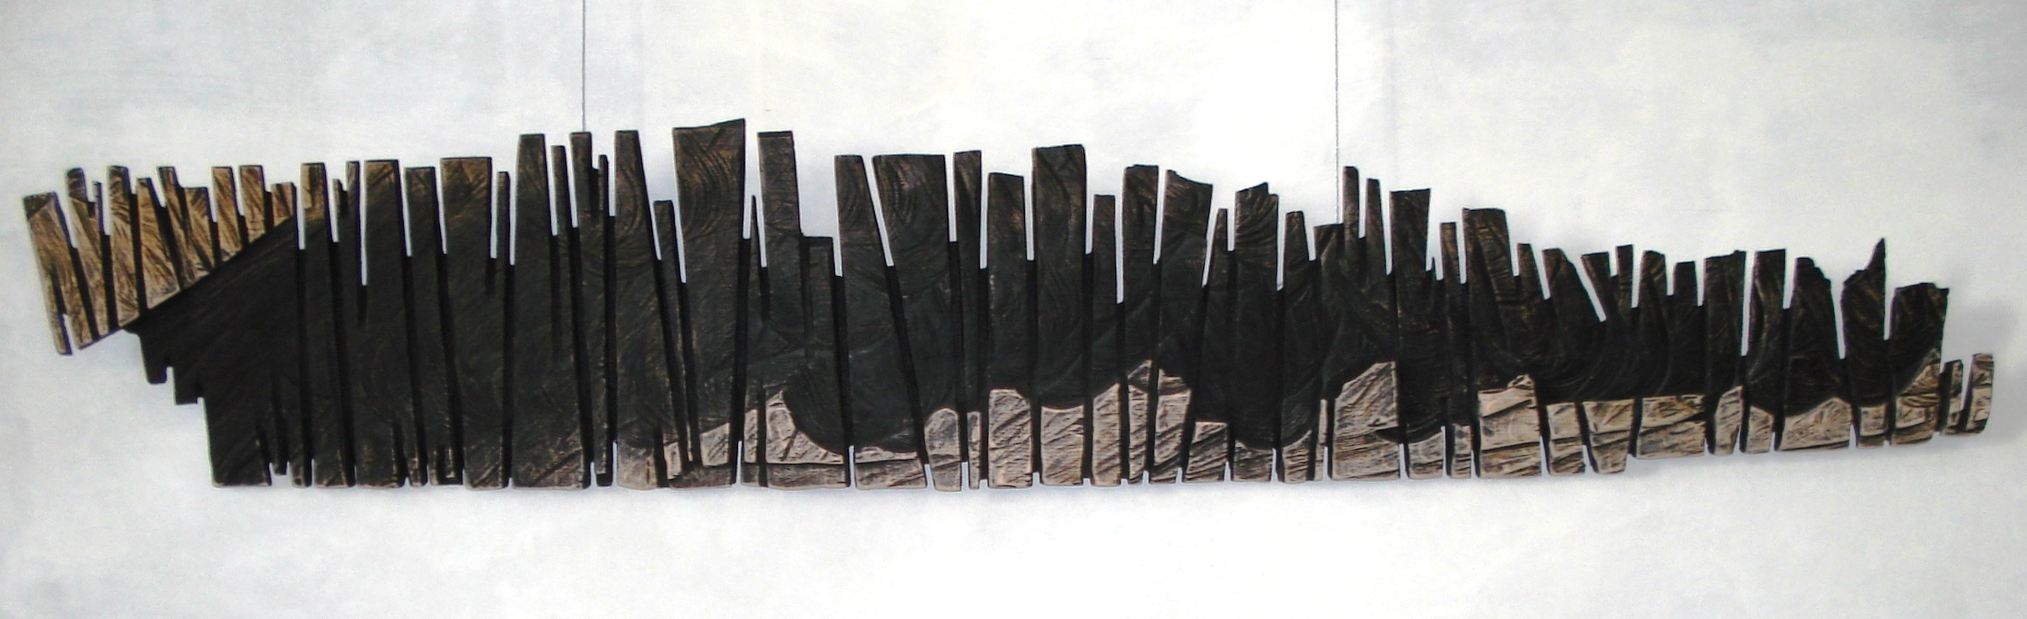 Notenblatt für eine Singende Säge